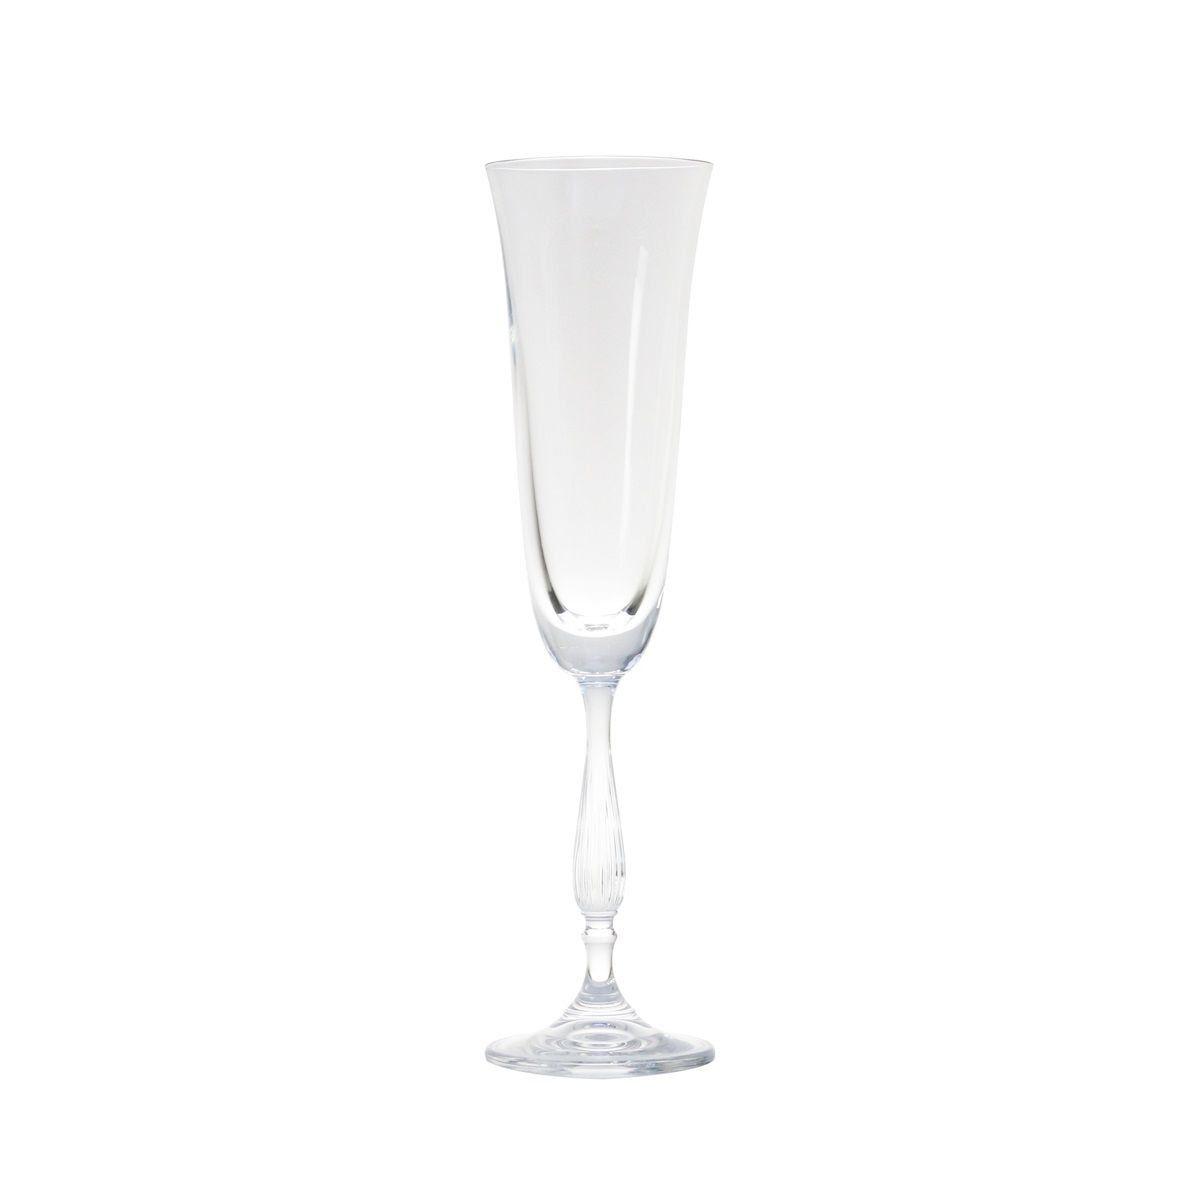 Jogo 6 taças 190ml para champagne de cristal ecológico com titânio Antik/Fregata Bohemia - L5531